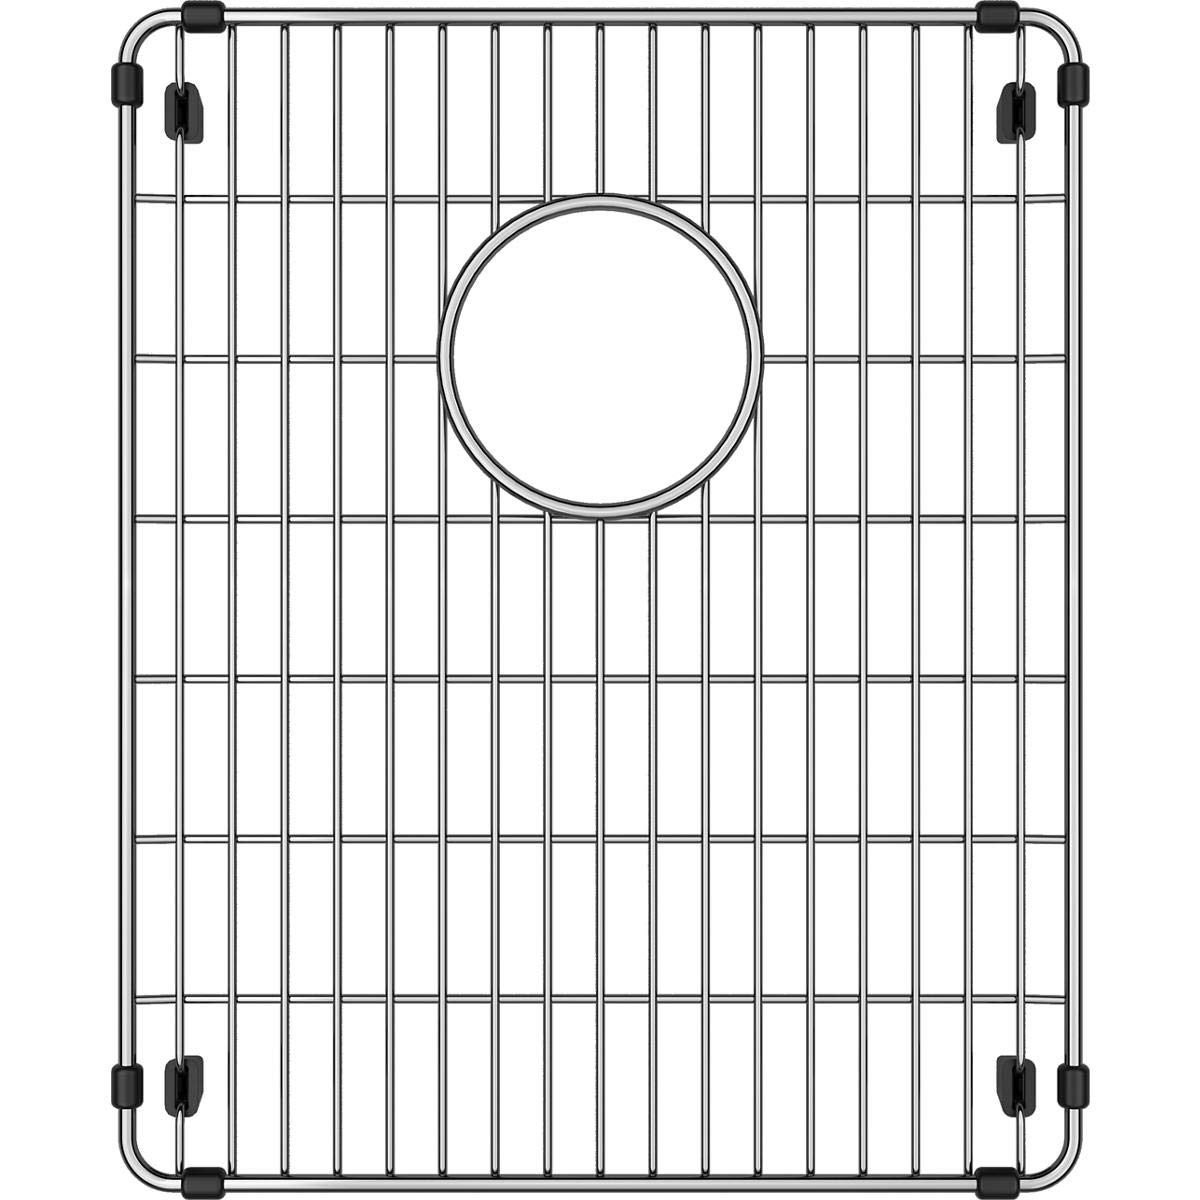 Elkay CTXFBG1316 Crosstown Stainless Steel Bottom Grid